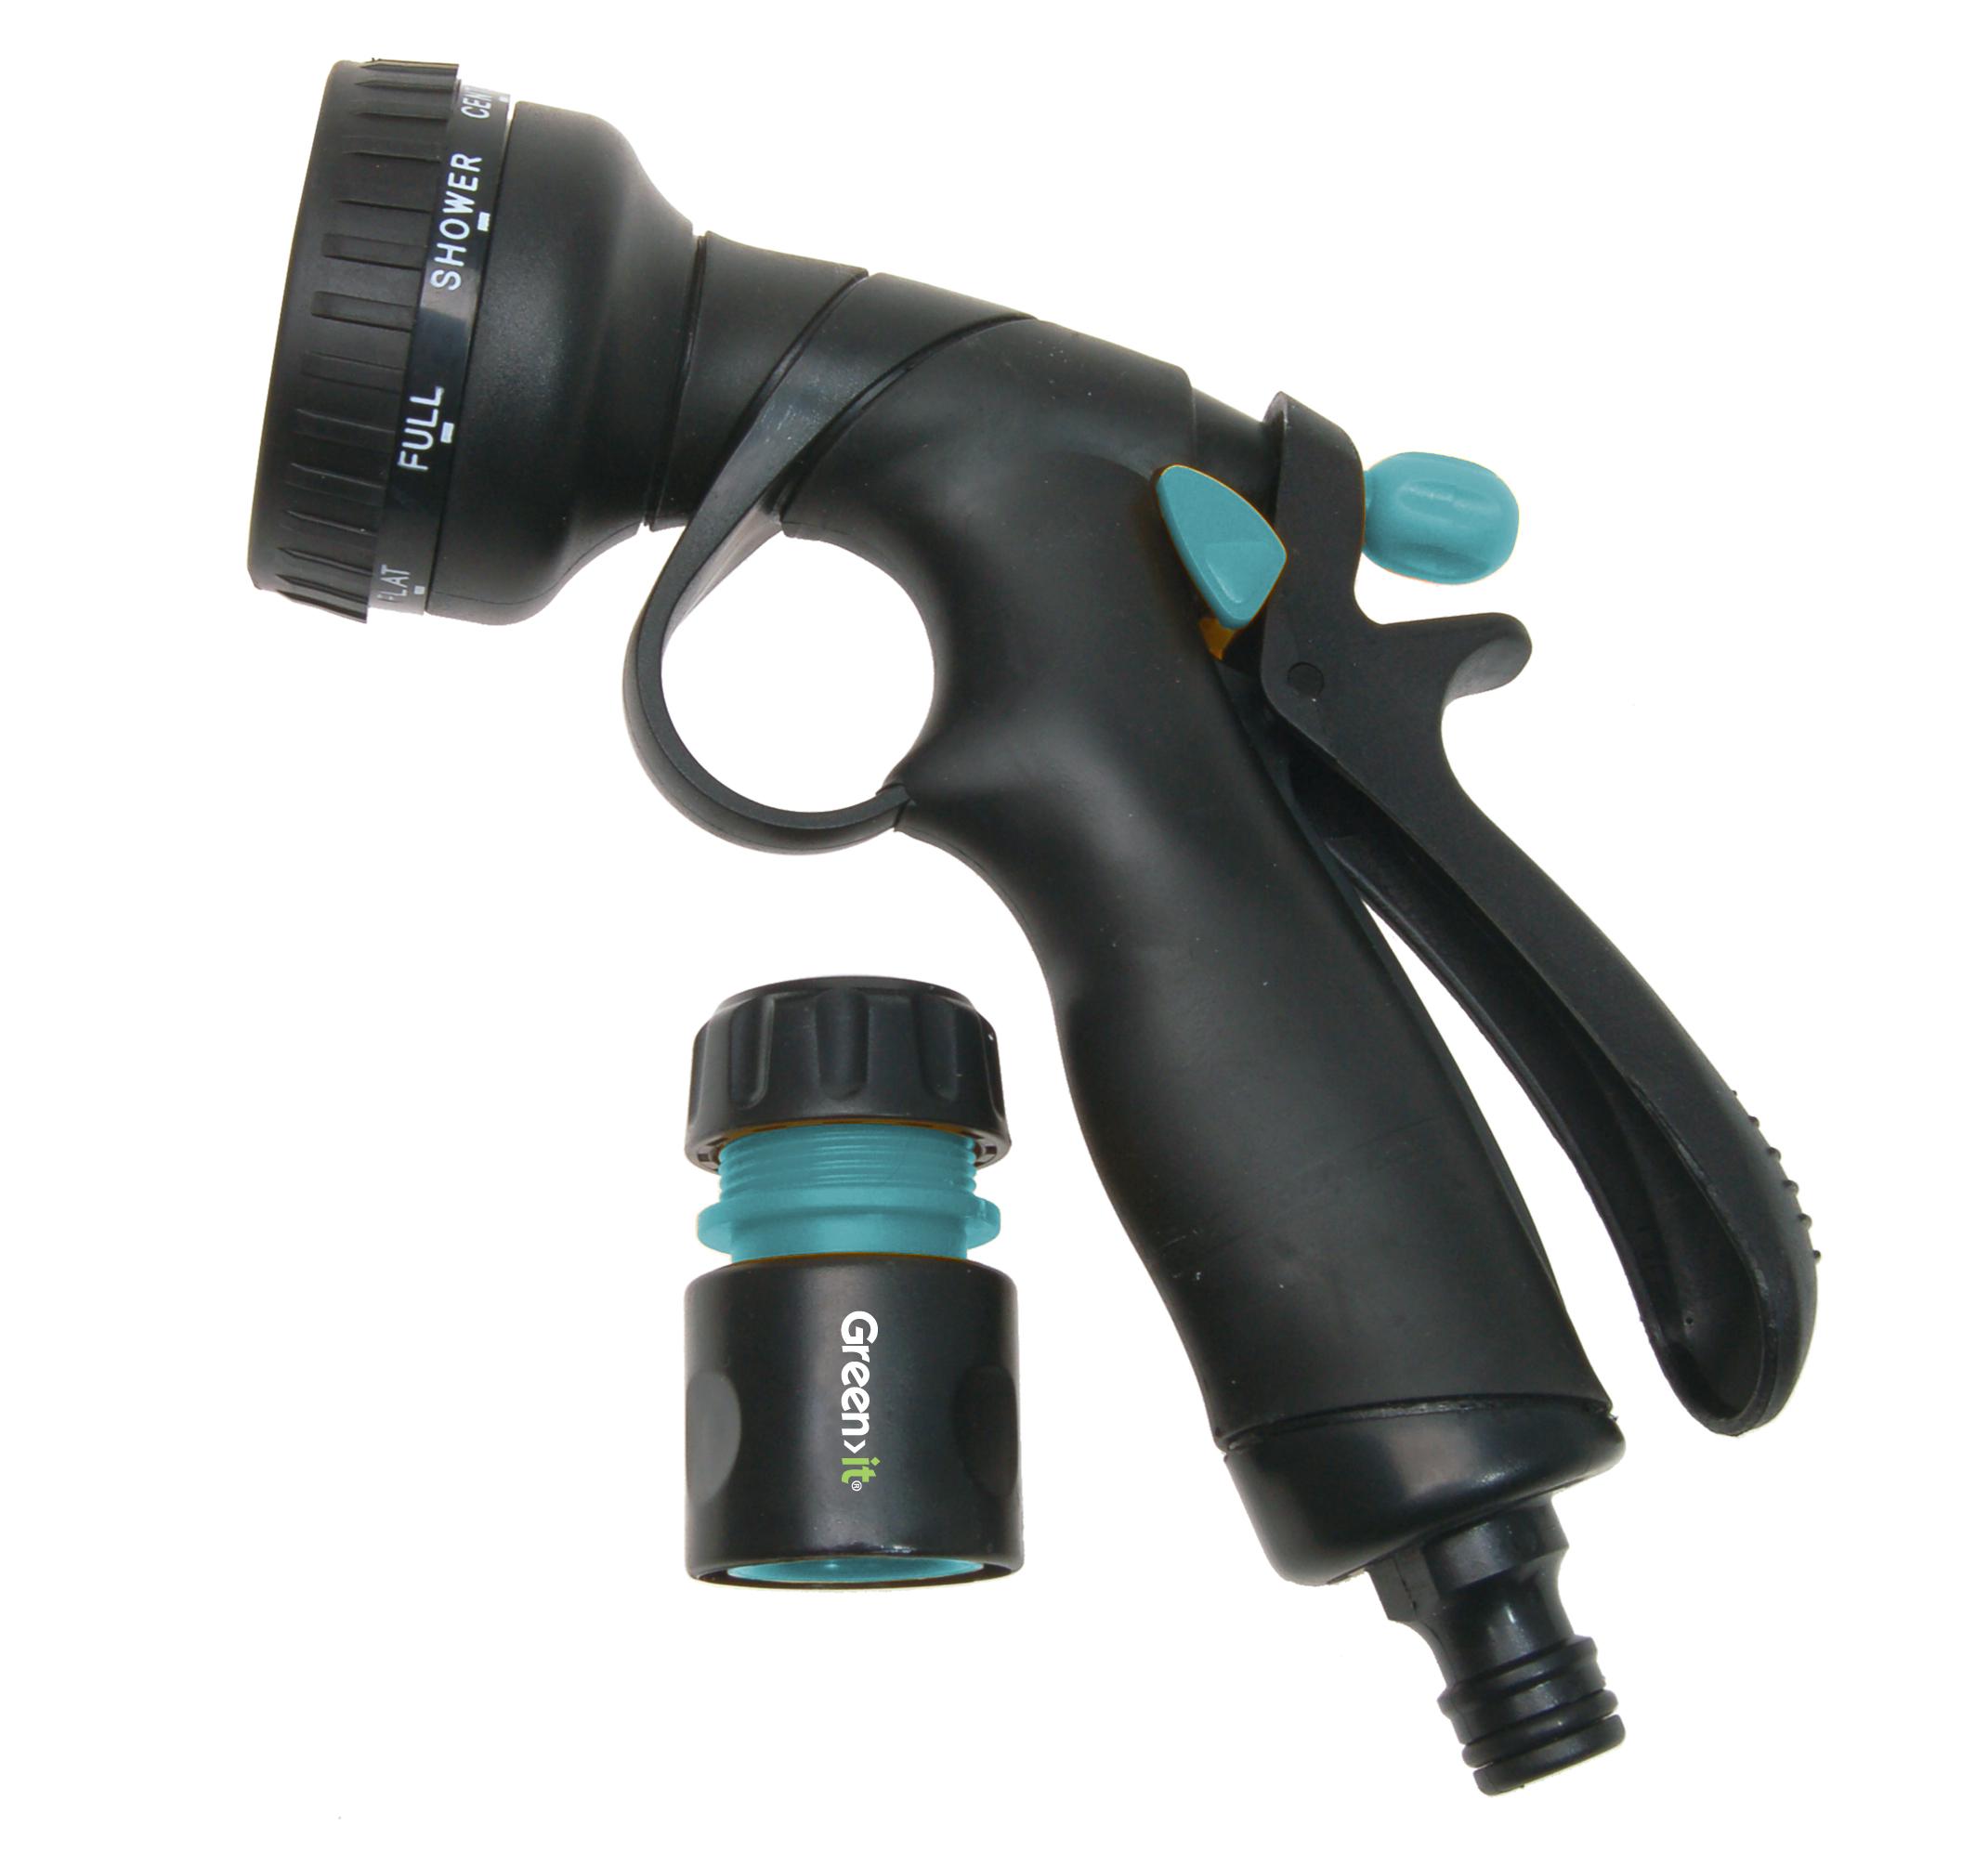 Green||It Brusepistol med slangekobling